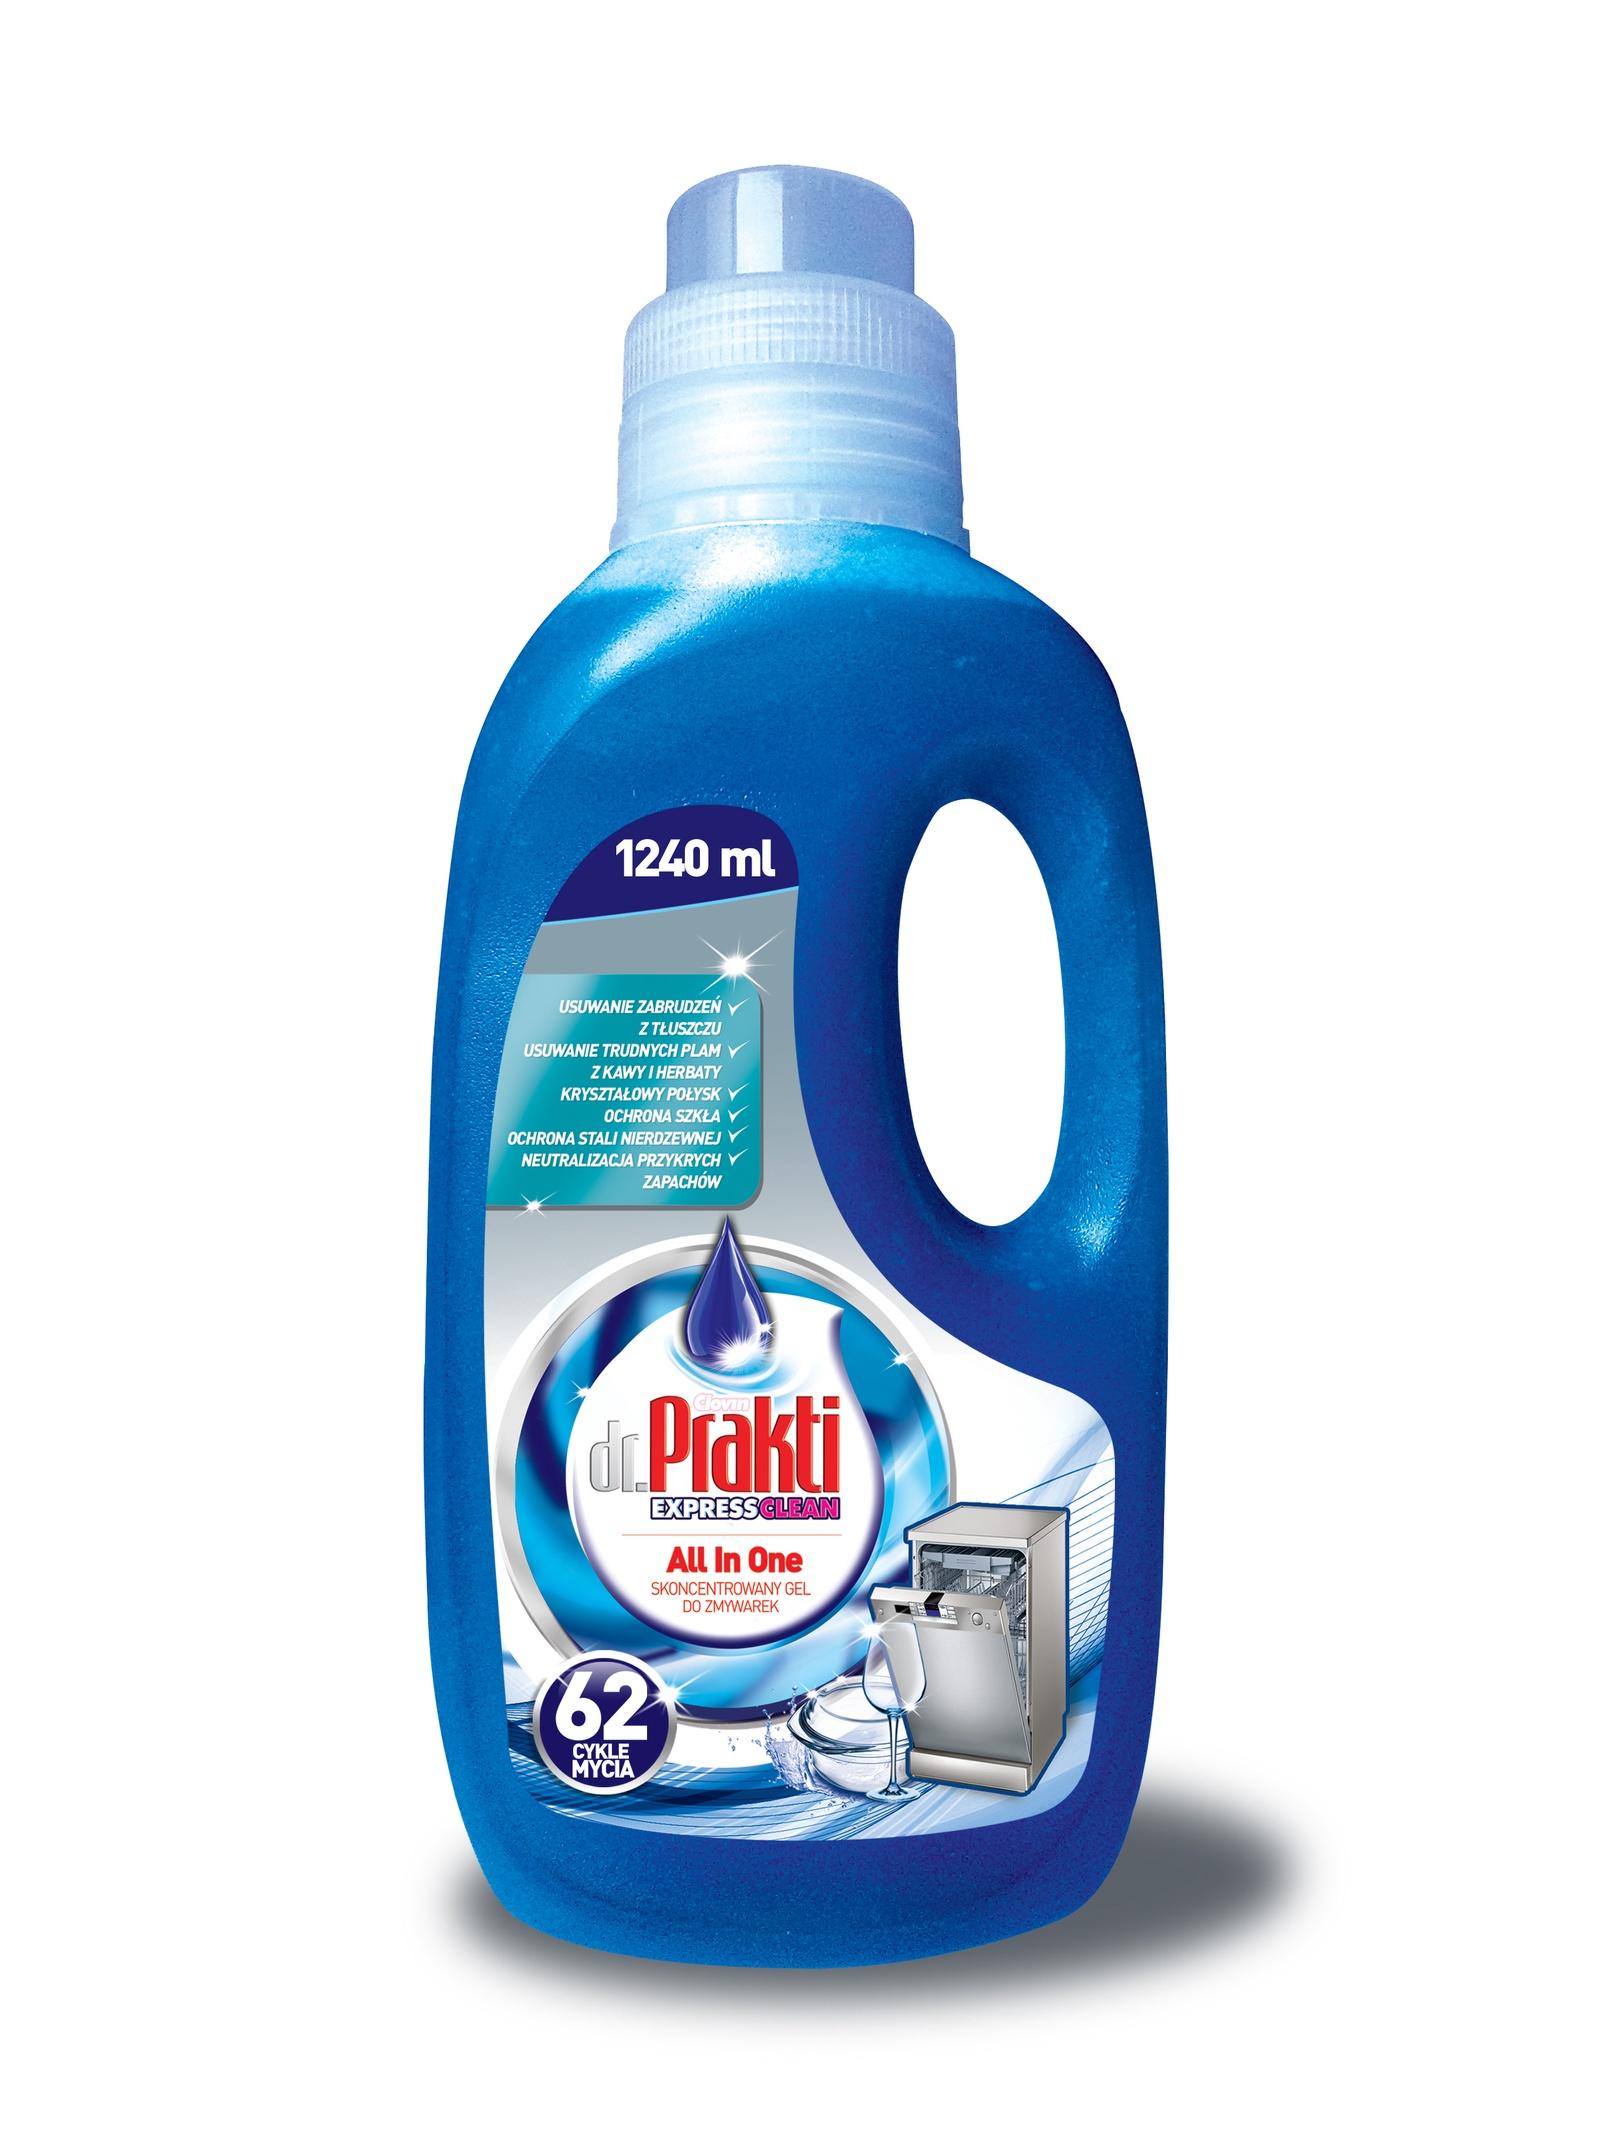 Средство для мытья посуды Clovin для посудомоечных машин, 1240 мл освежитель для посудомоечных машин frisch aktiv запах морской лимонный 2 шт